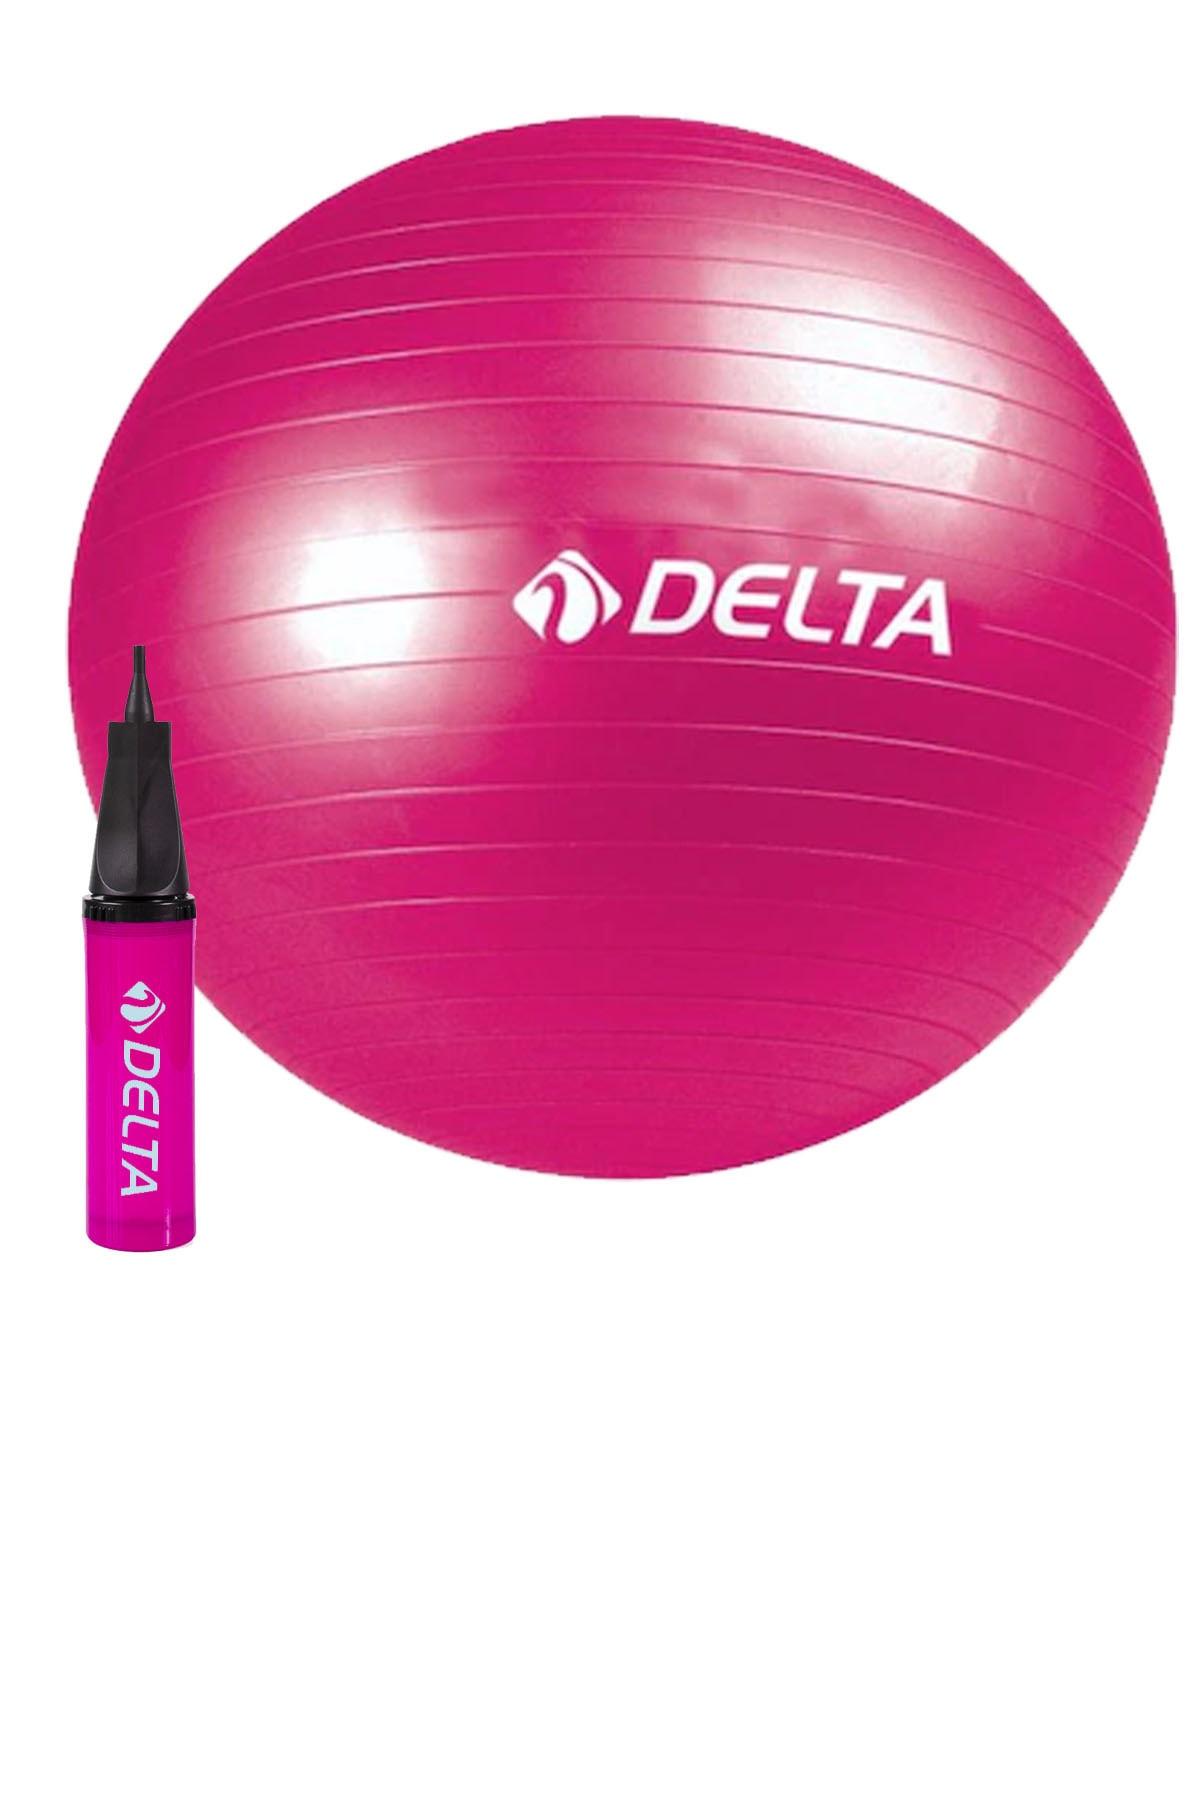 Delta 65 Cm Pilates Topu Şişirme Pompası Seti Egzersiz Topu 65Cm Plates Seti Fuşya 0